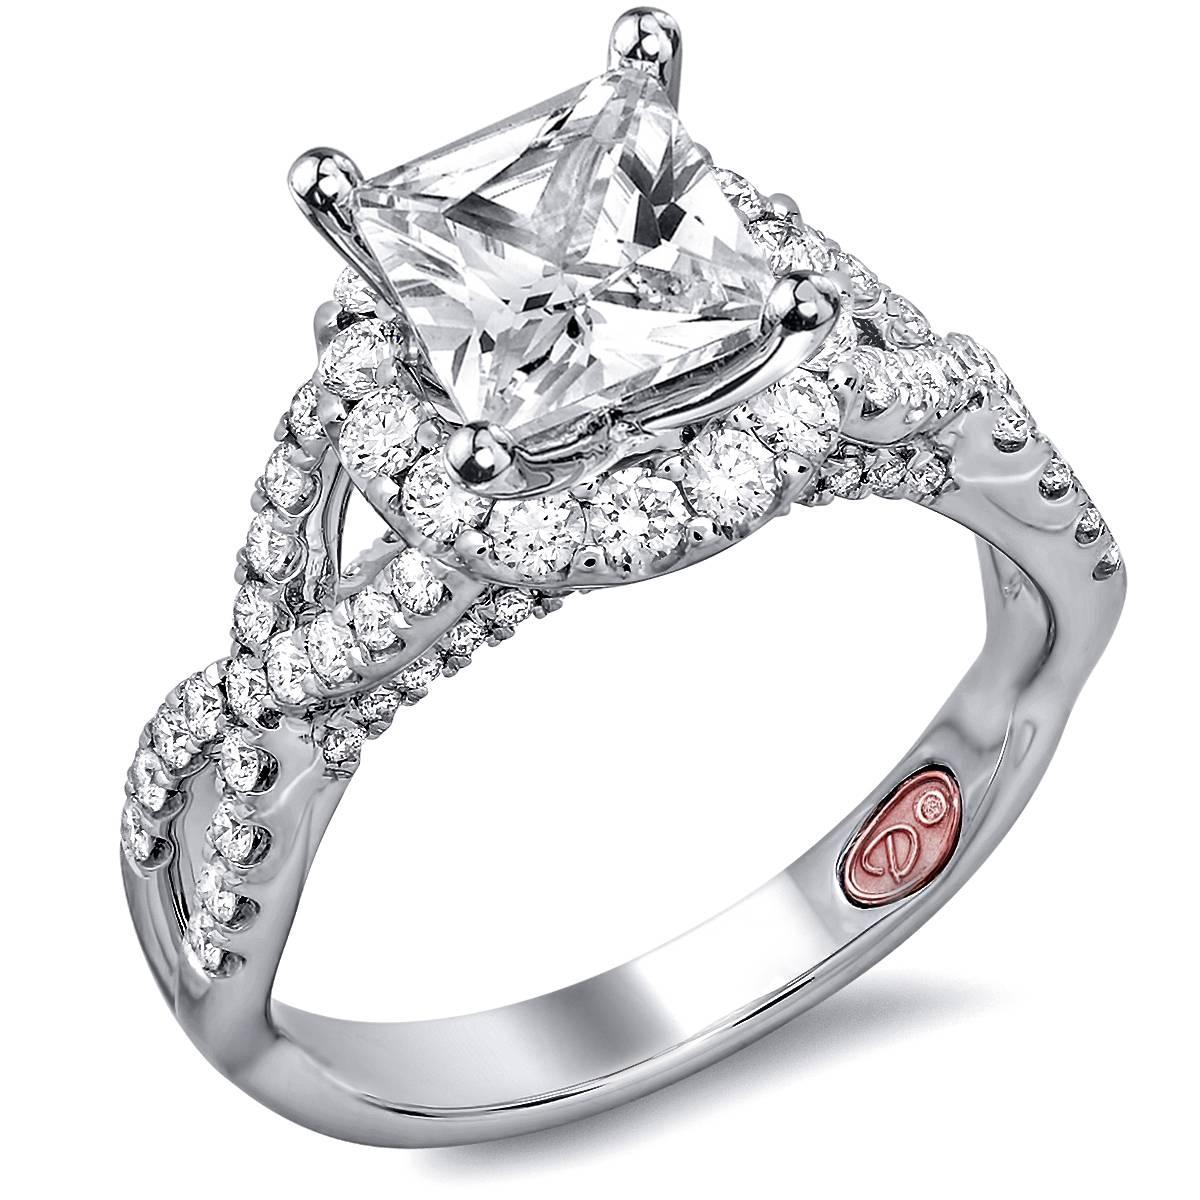 15 Best of Unique Princess Cut Diamond Engagement Rings